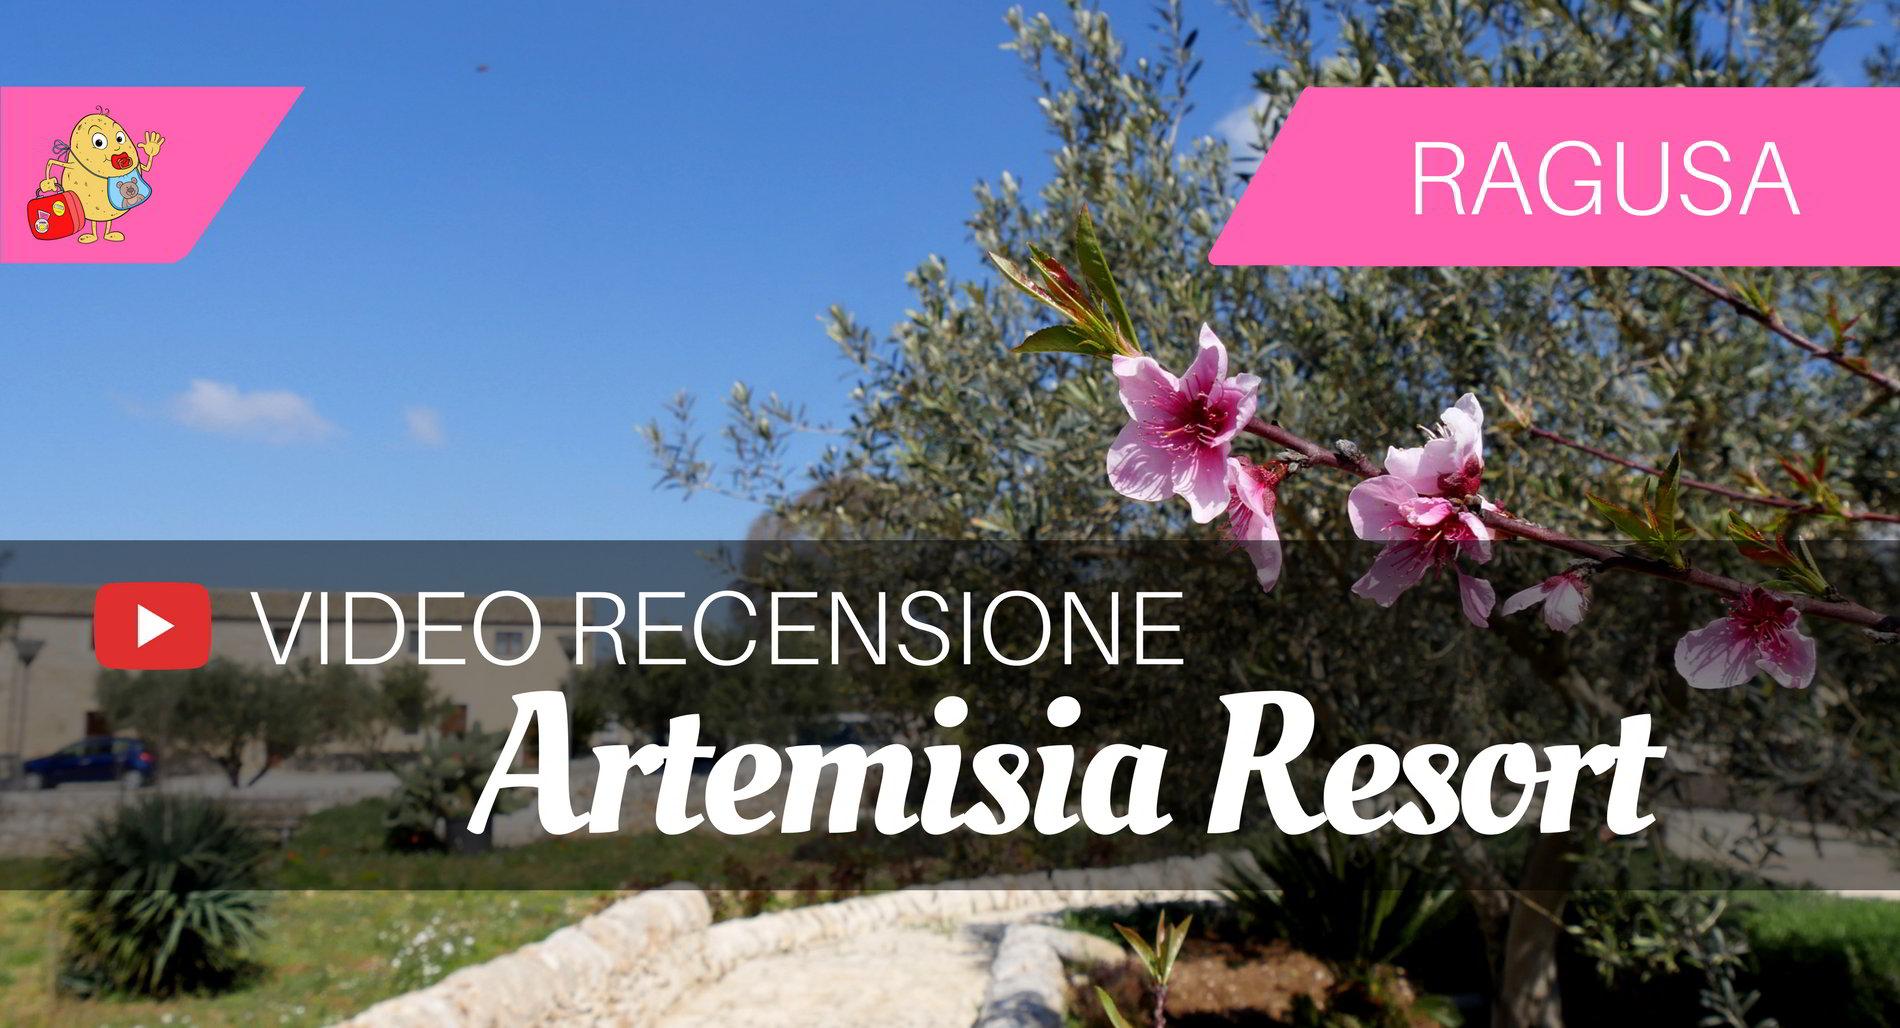 Video Recensione Artemisia Resort - Ragusa